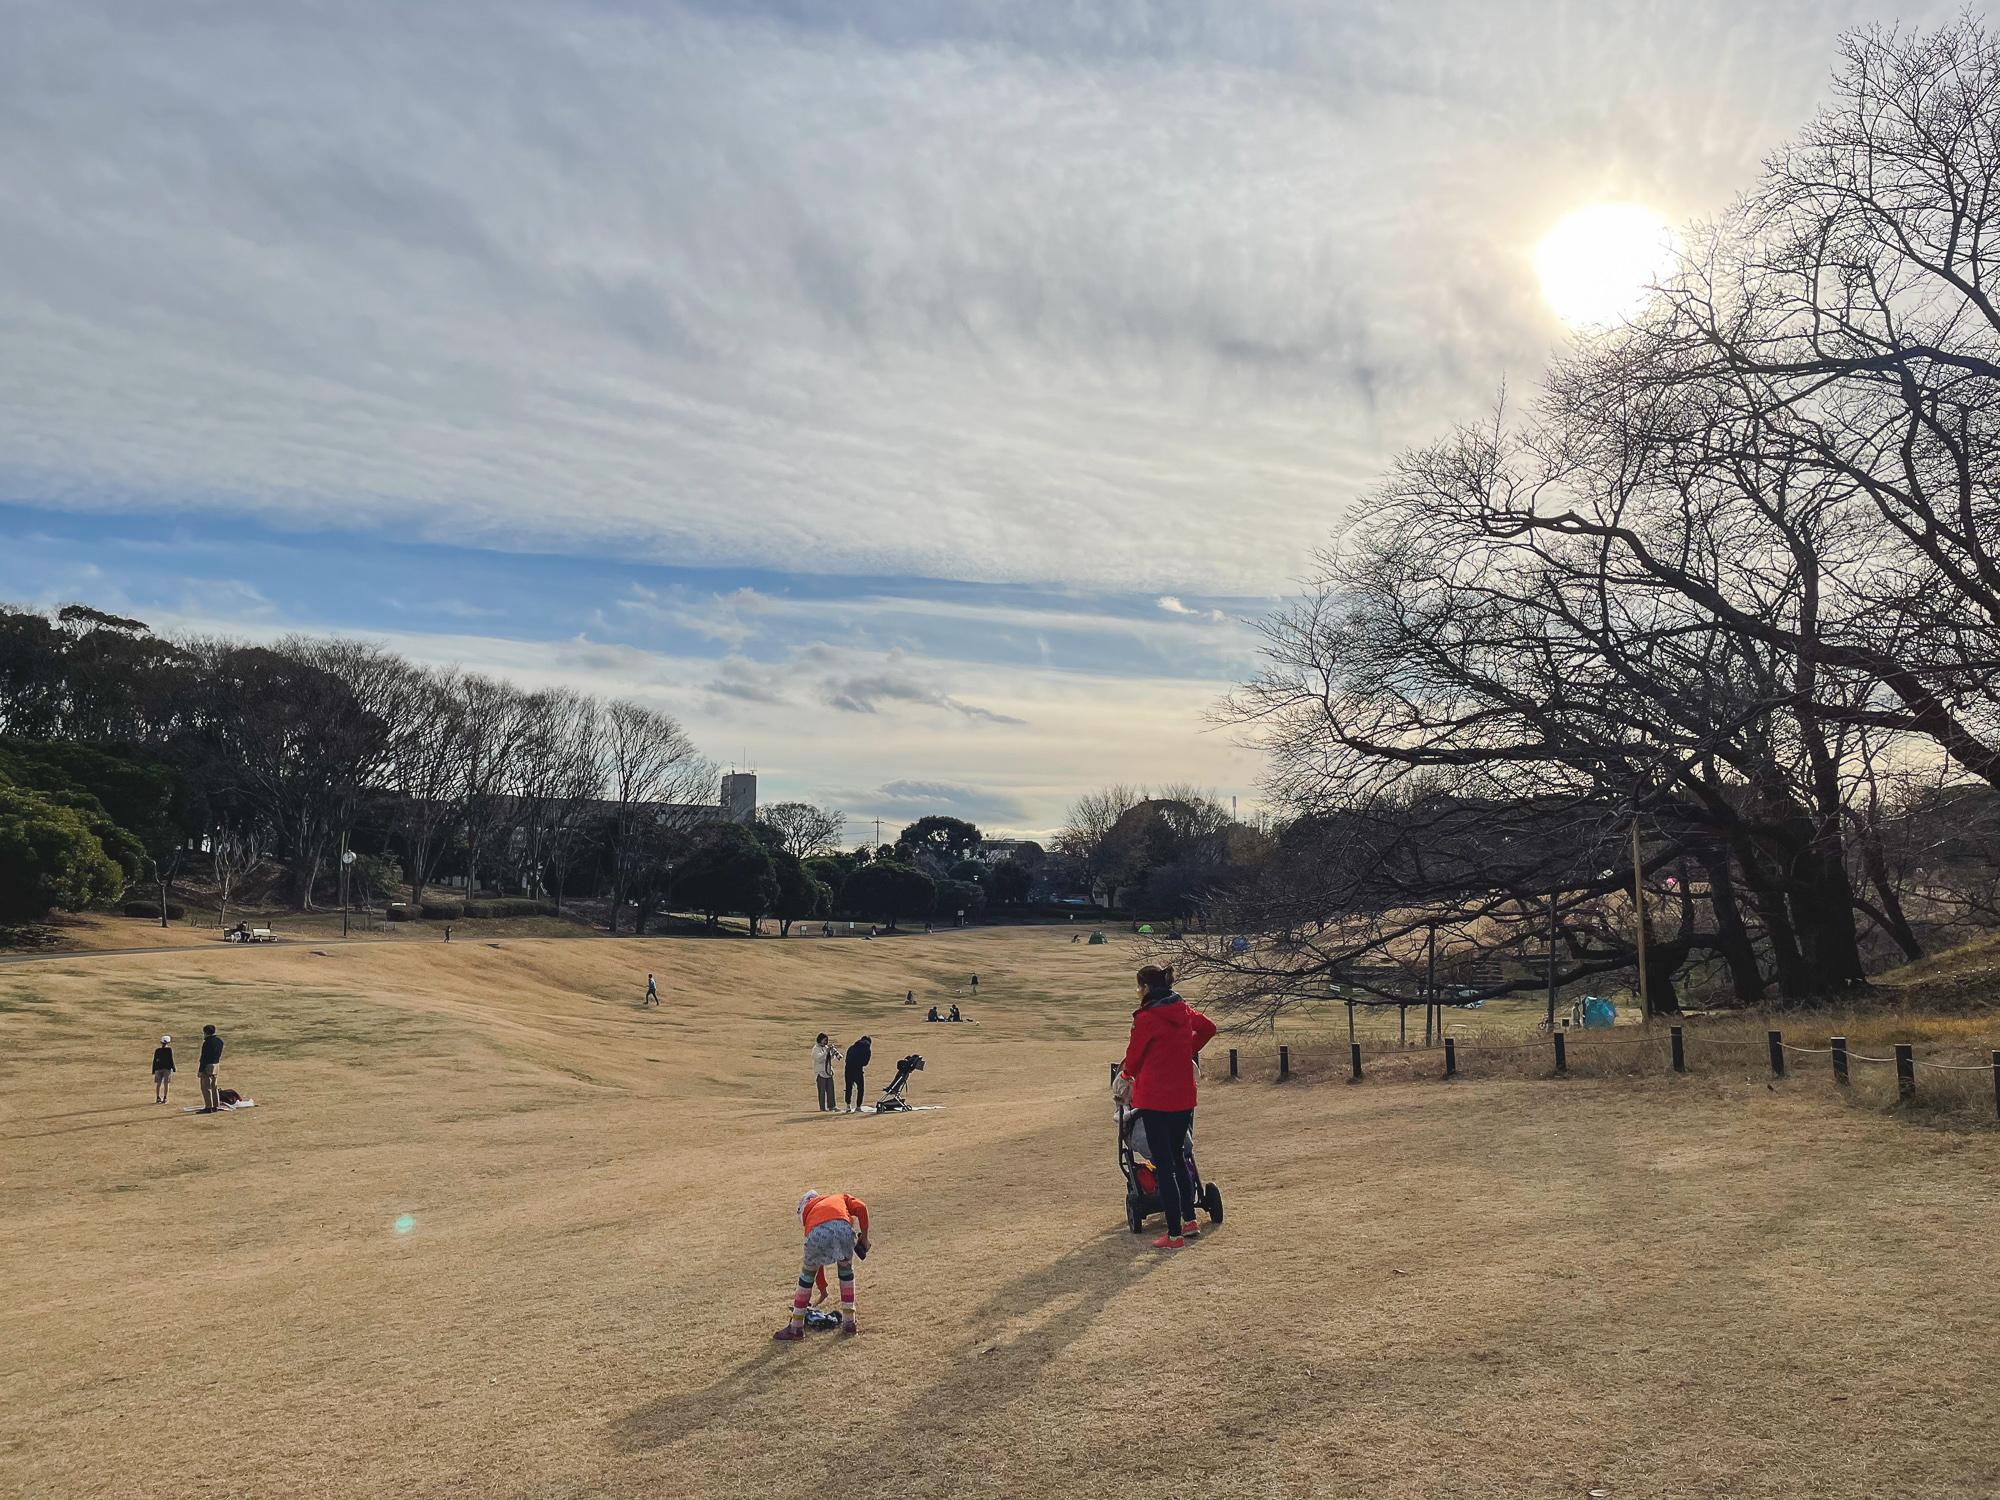 Ziemā parks ir itin dzeltens. Bet pavasarī zied sakuras un vasarā viss zālājs ir pilns ar ģimenēm, kas atpūšas, sporto un pikniko